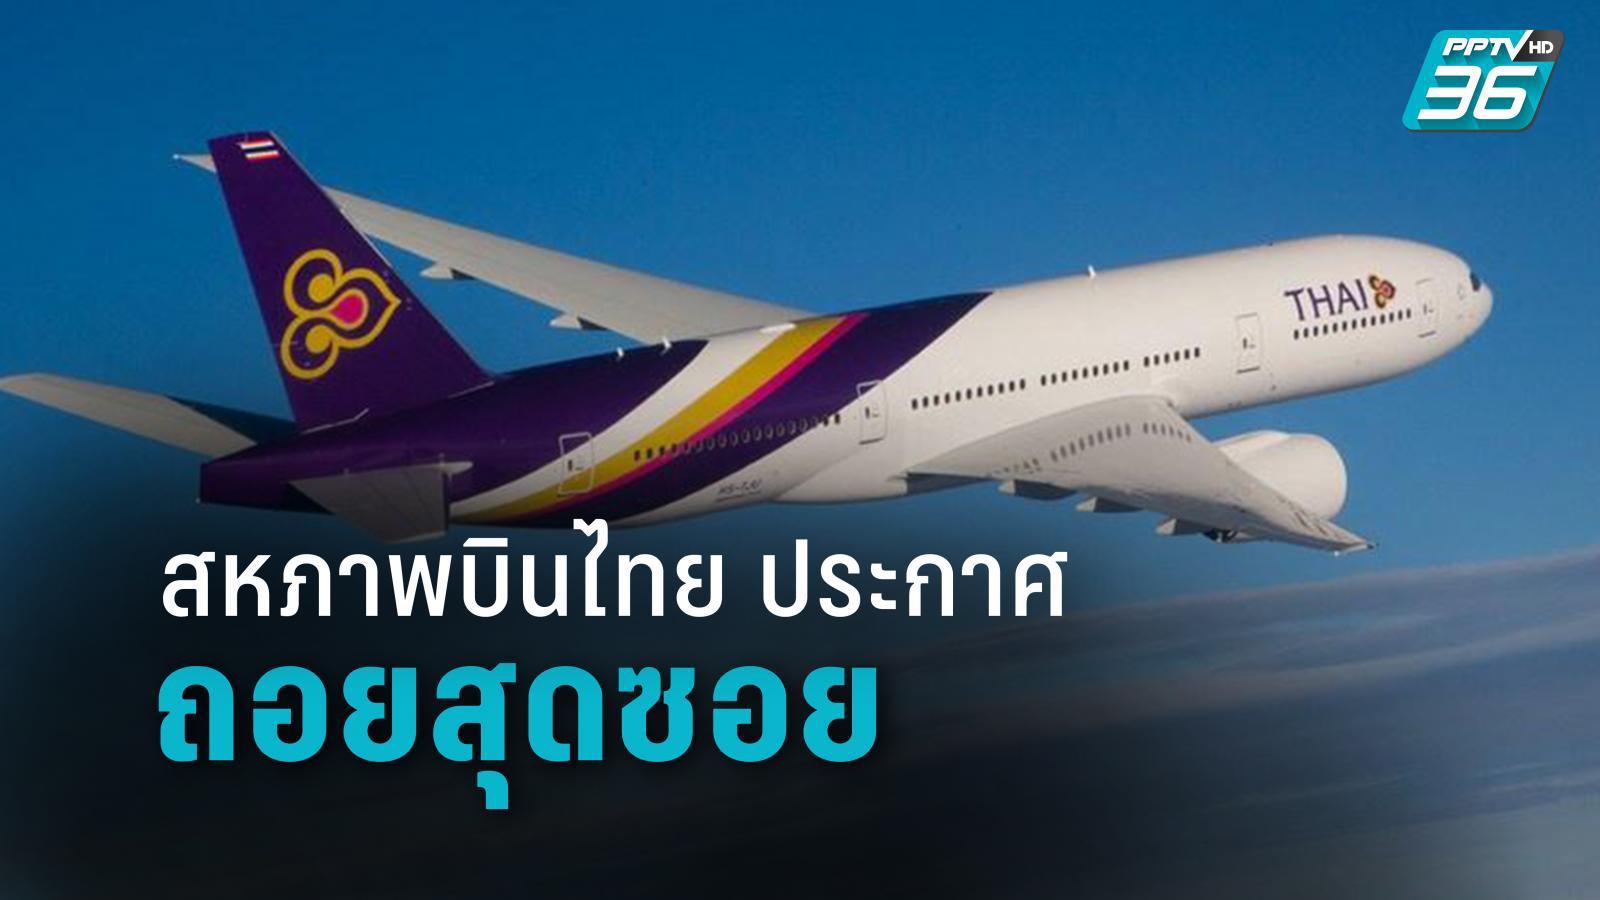 สหภาพบินไทย ถอยแล้ว ยอมนายกฯทุกอย่าง เชื่อนำผ่านวิกฤตได้